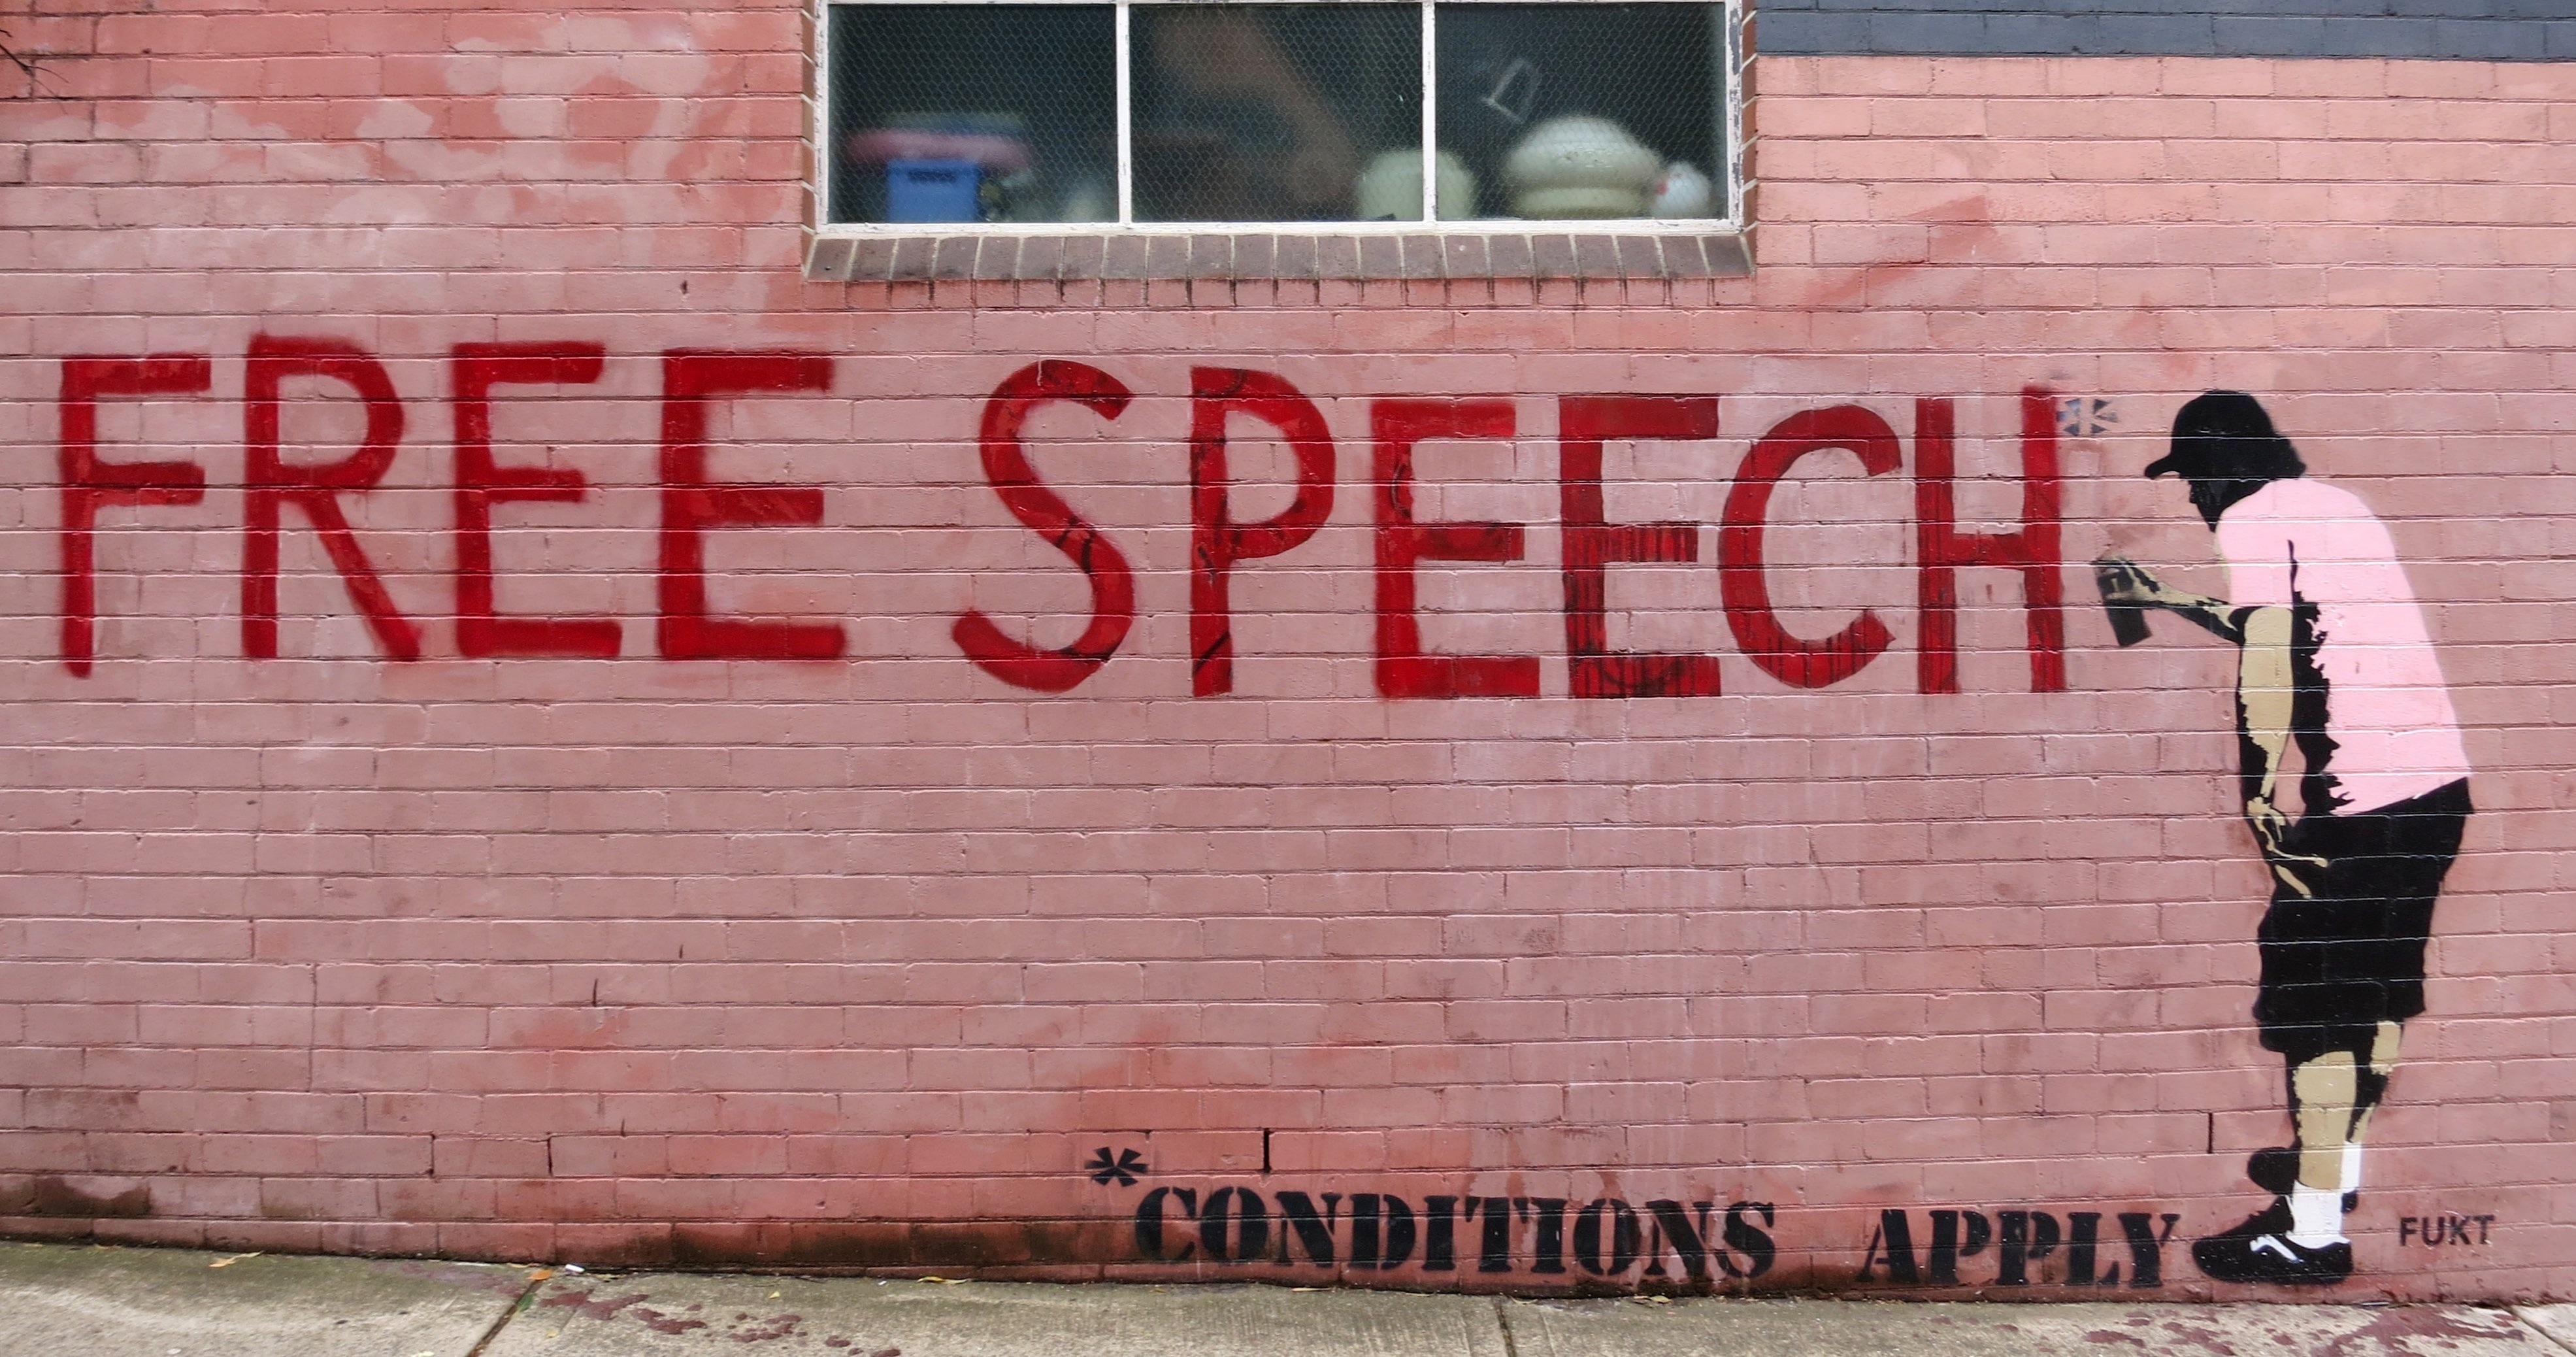 Photo of free speech graffiti